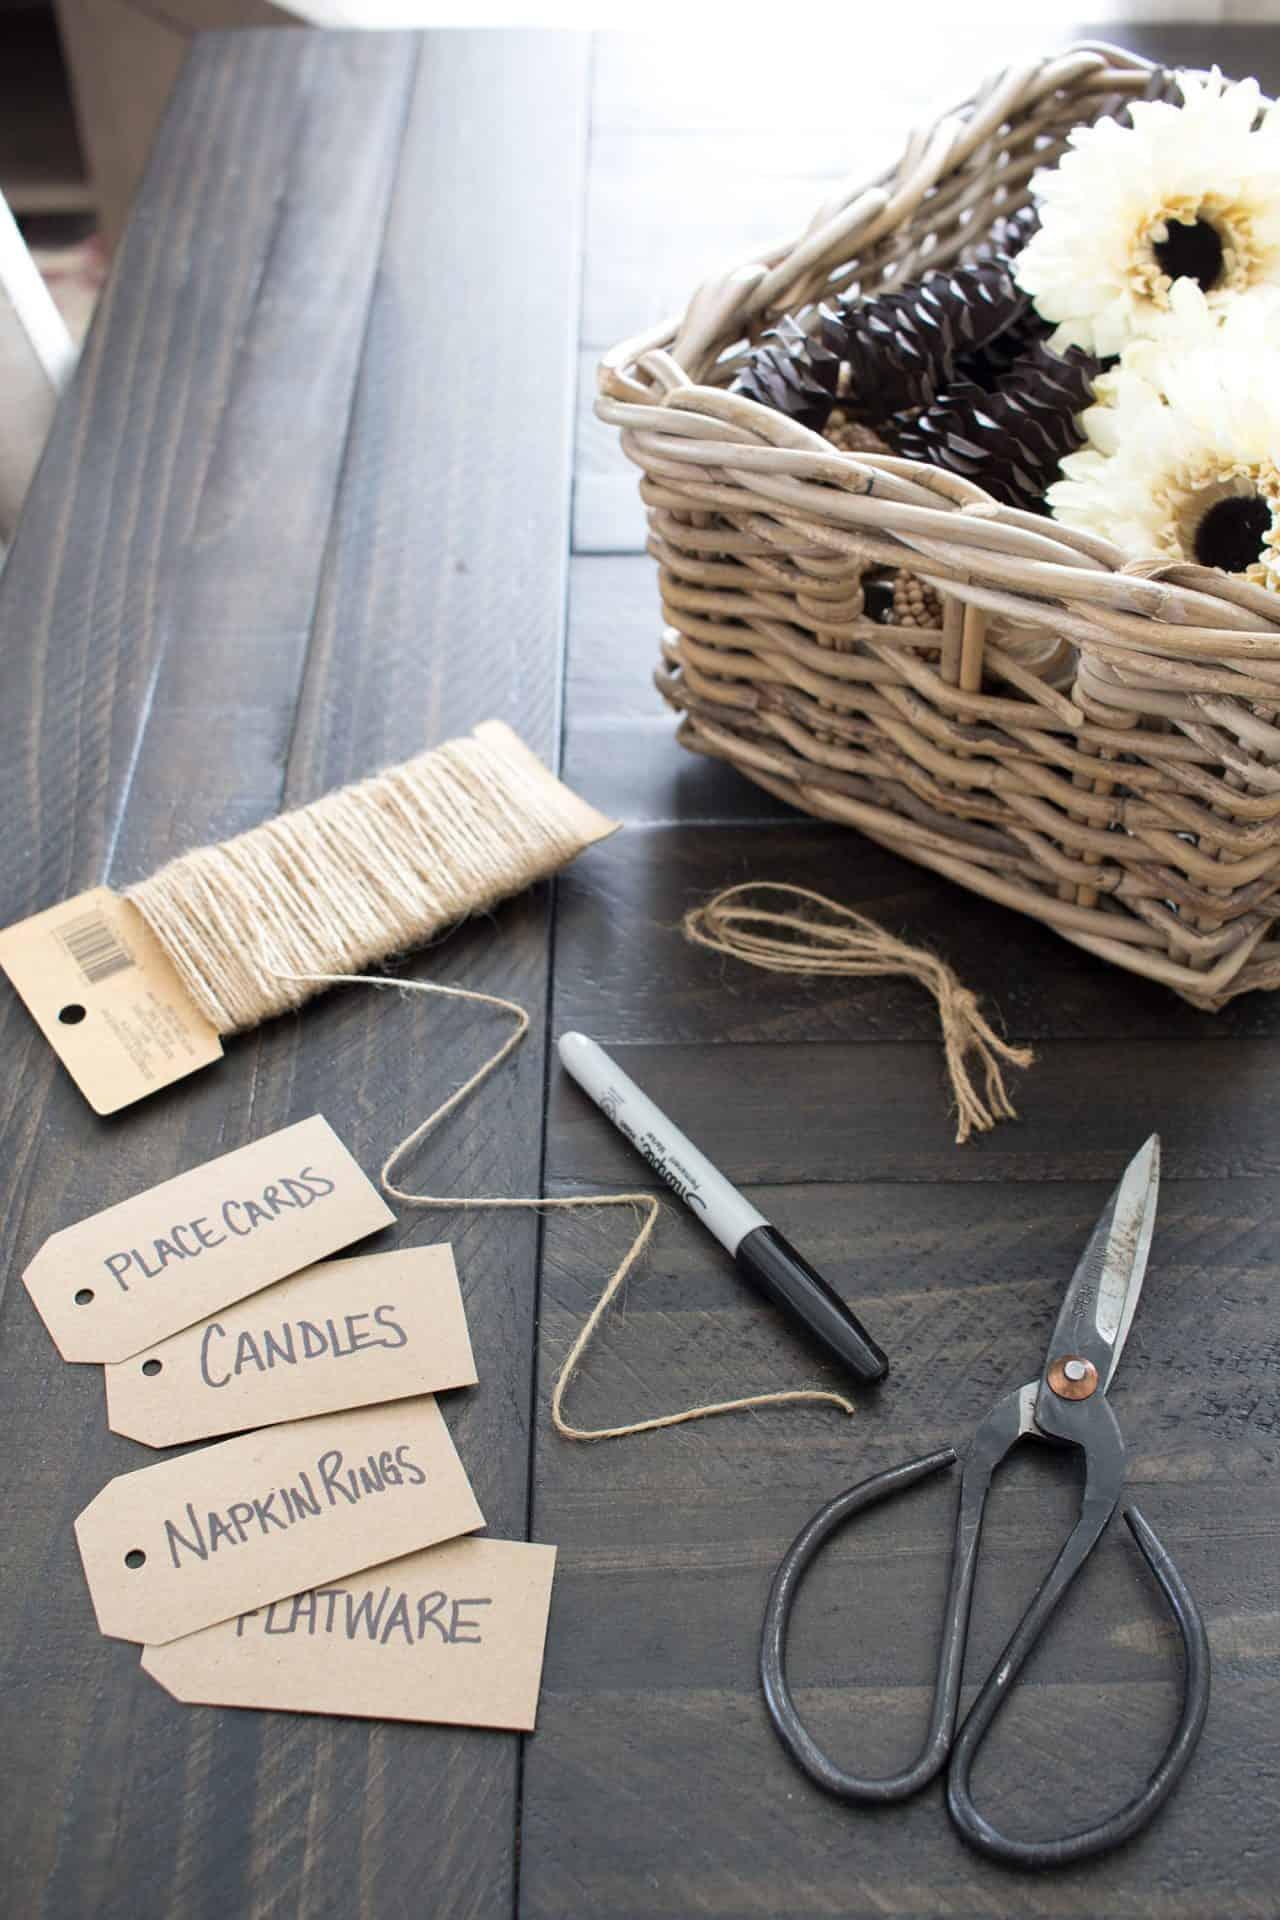 kraft paper labels, string, scissors and marker for label making